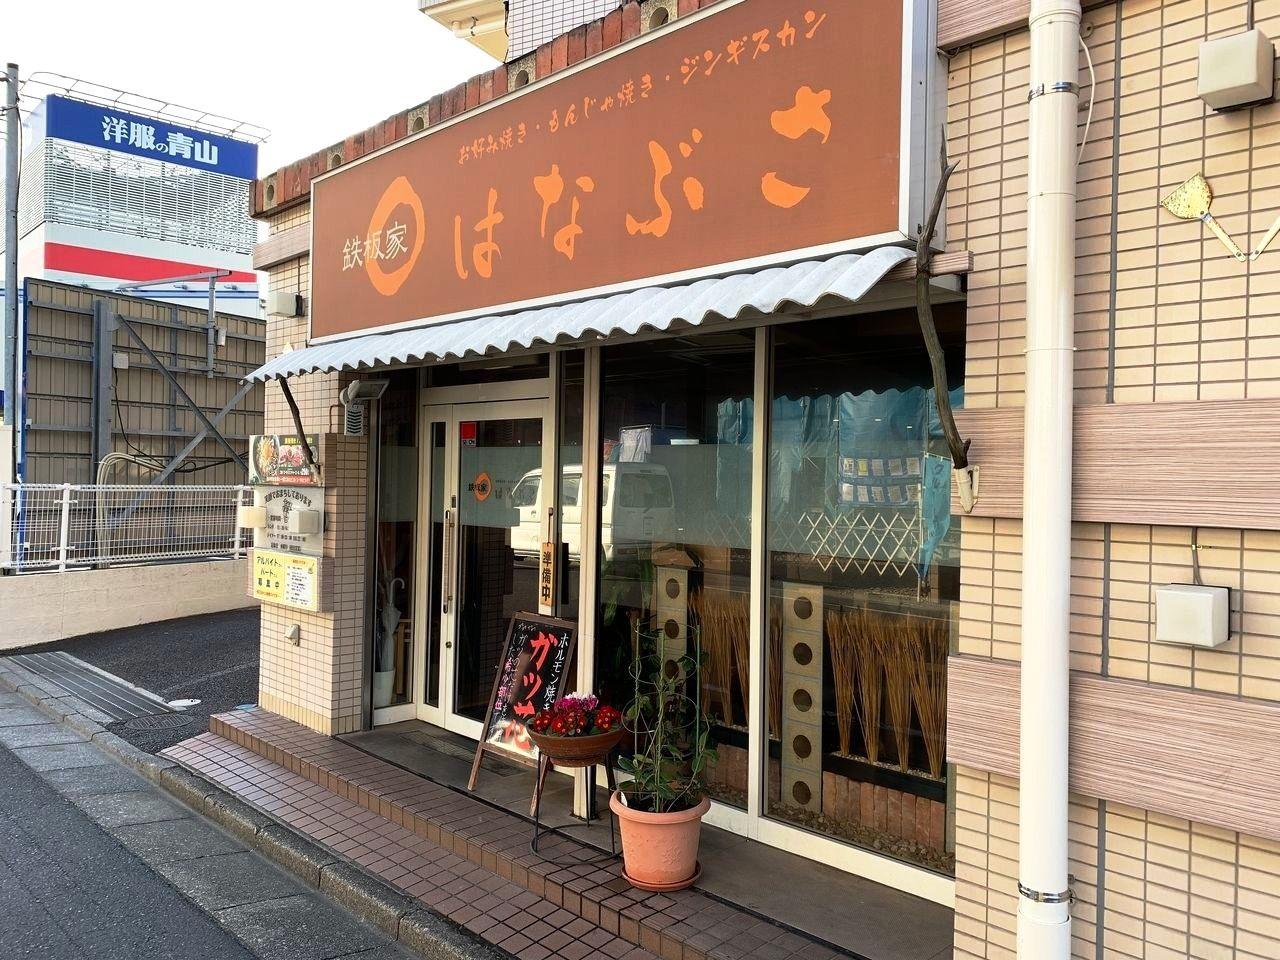 【三郷市食べ歩きブログ】三郷市早稲田2丁目にある「鉄板家 はなぶさ」さんへ